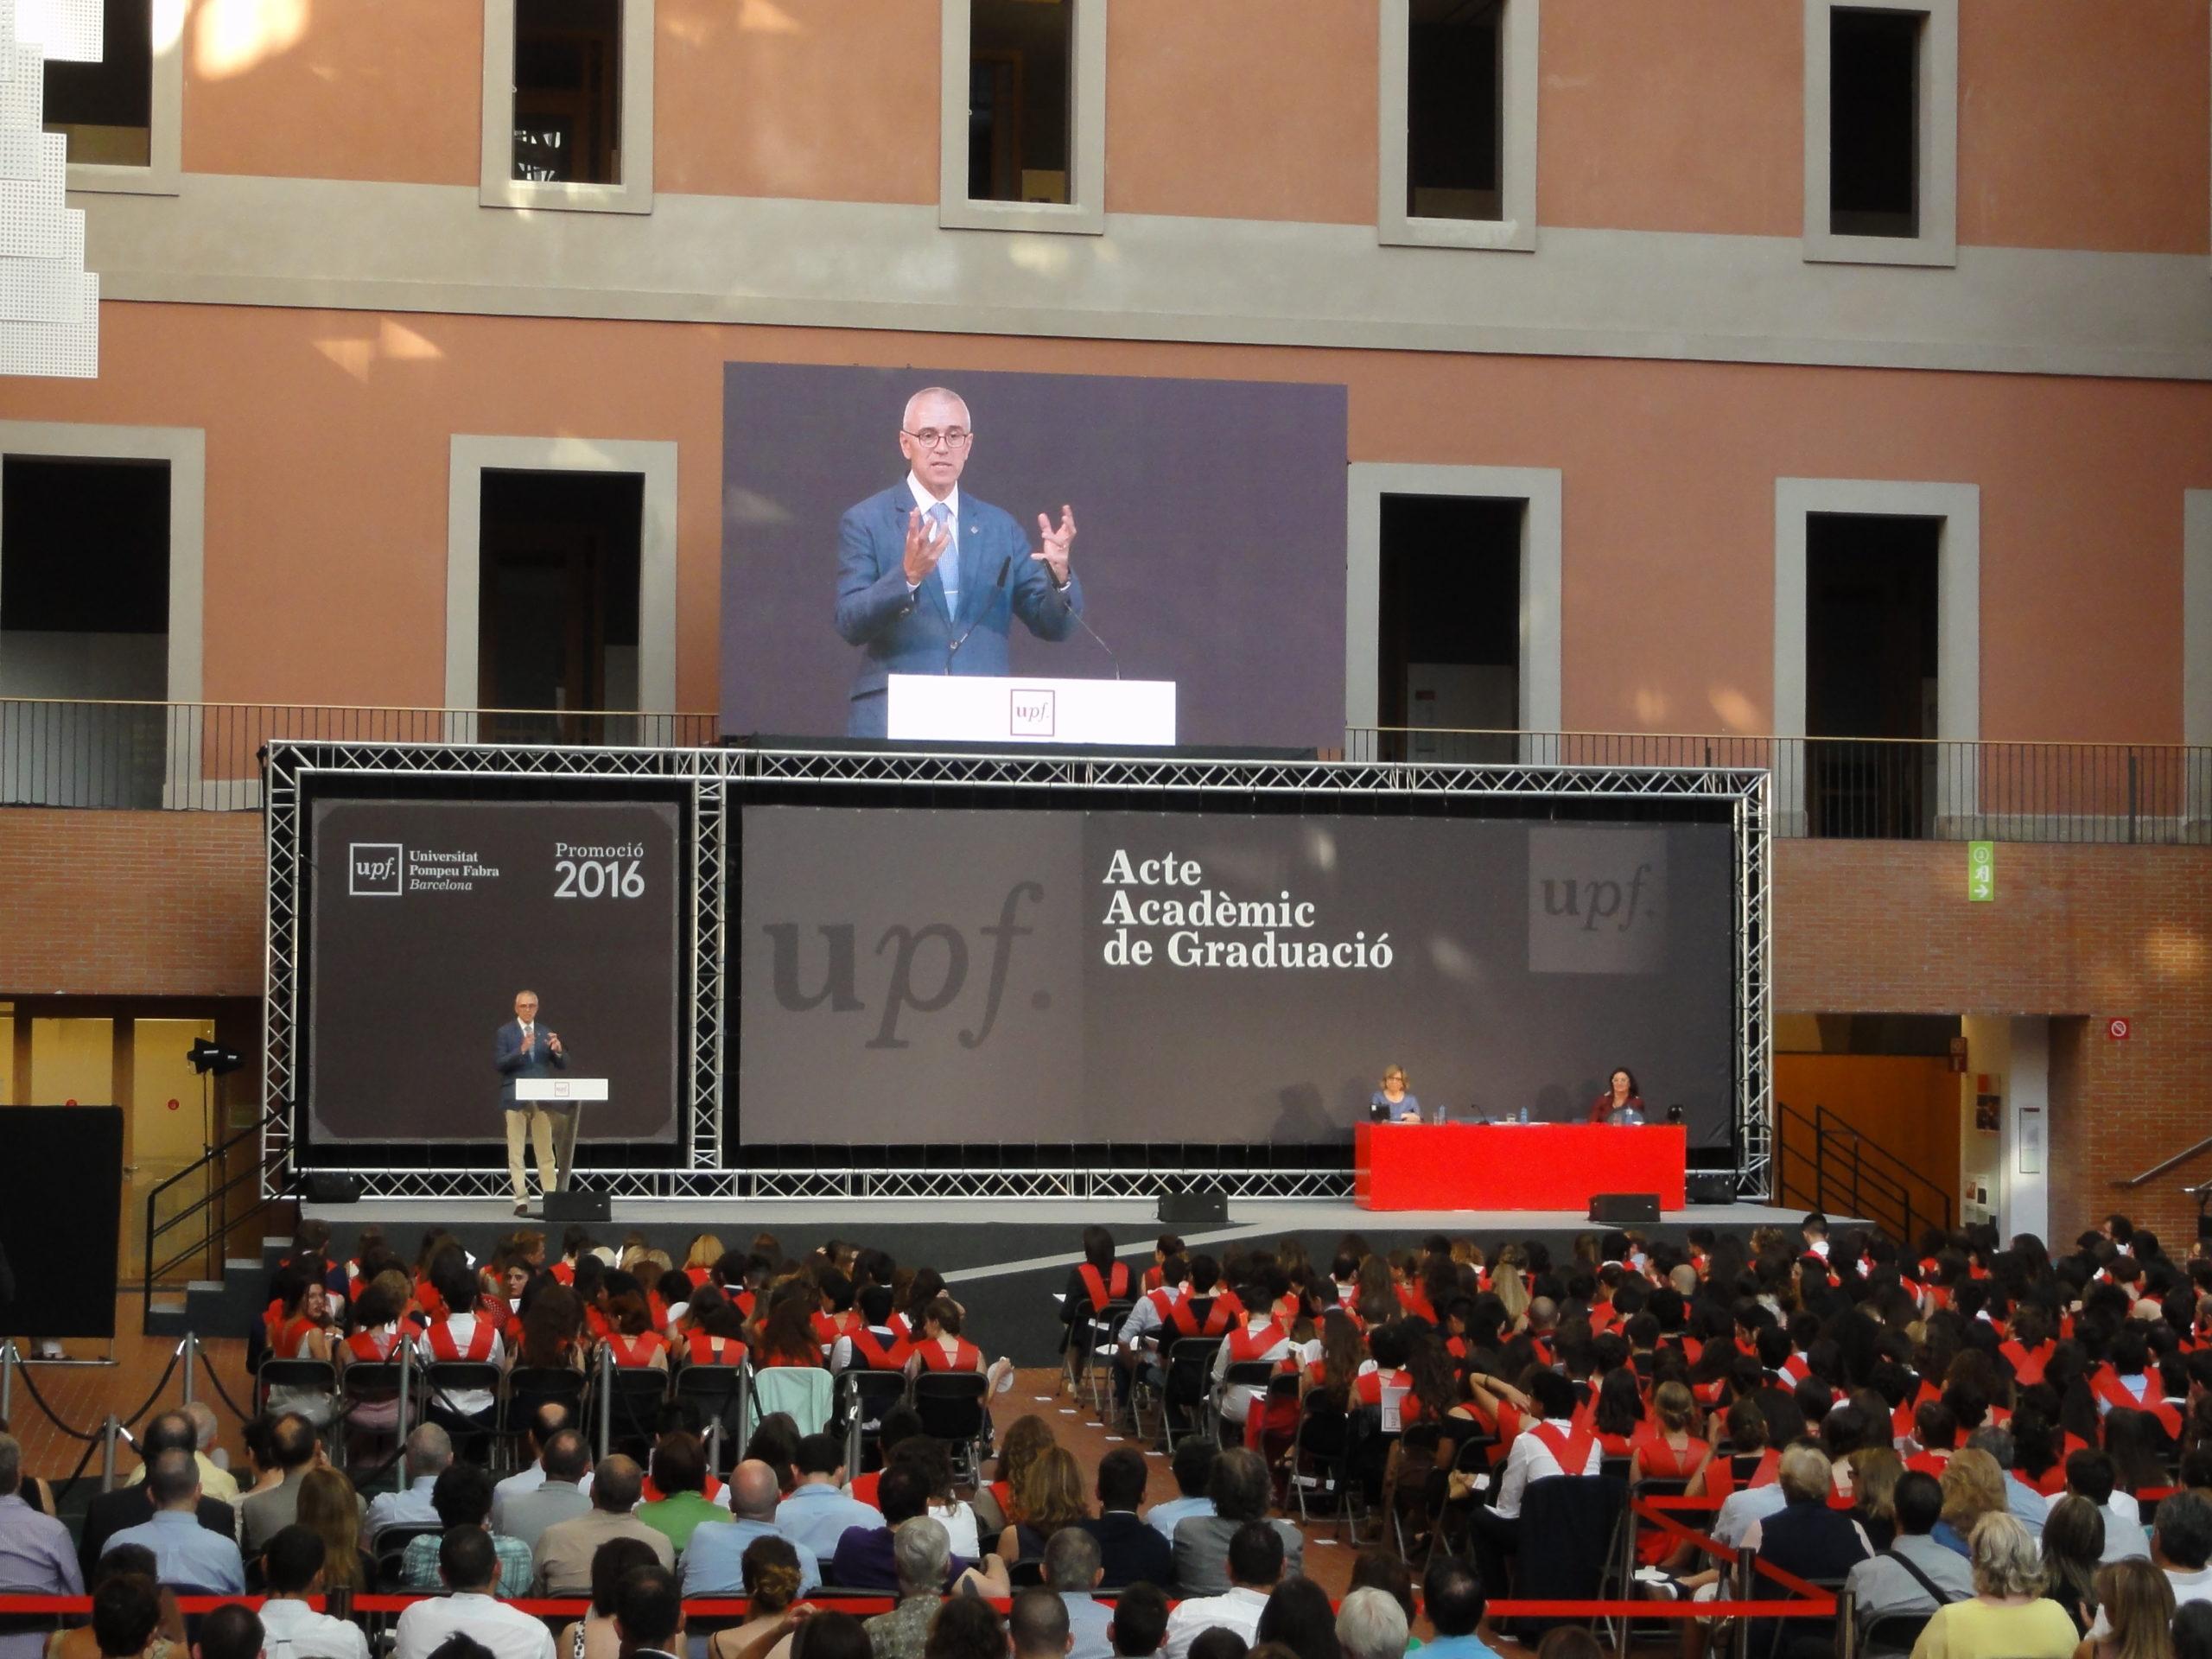 Acto Académico de Graduación 2016 en la UPF